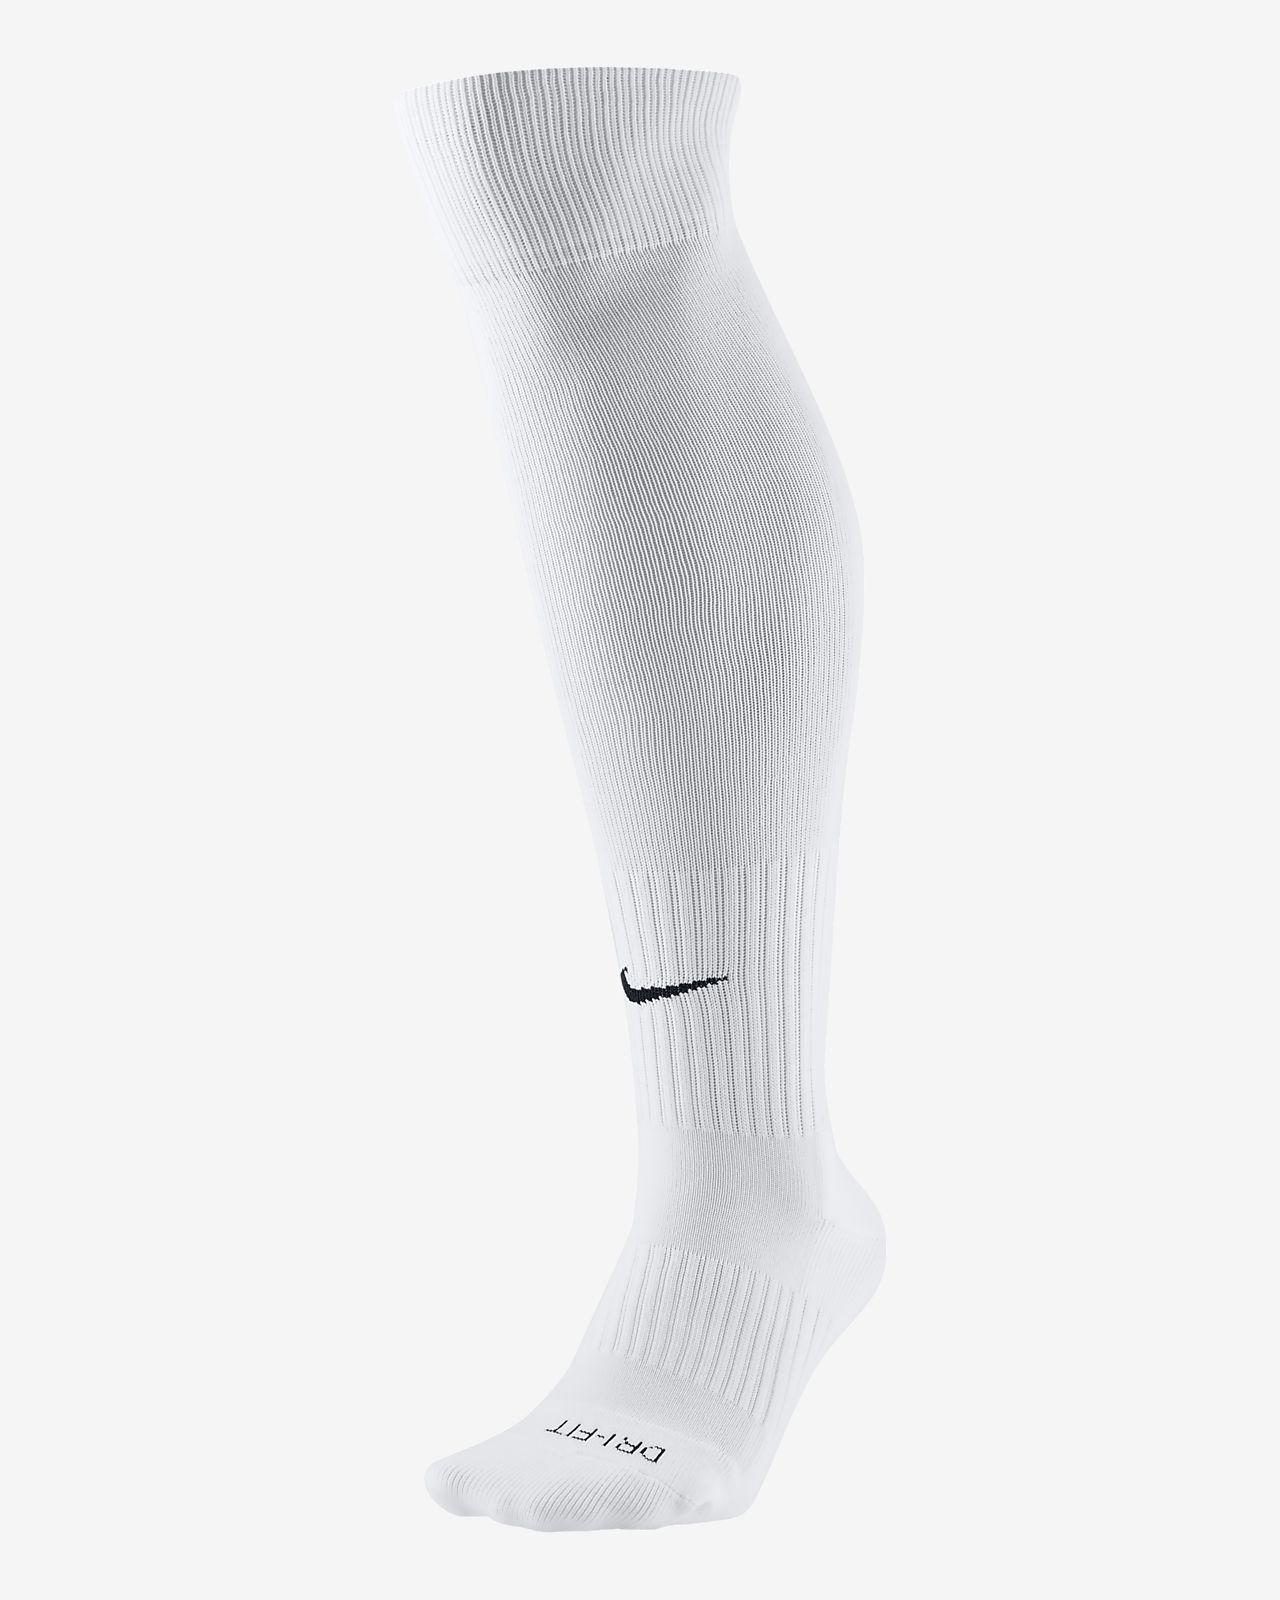 Chaussettes de football hautes rembourrées Nike Classic 2